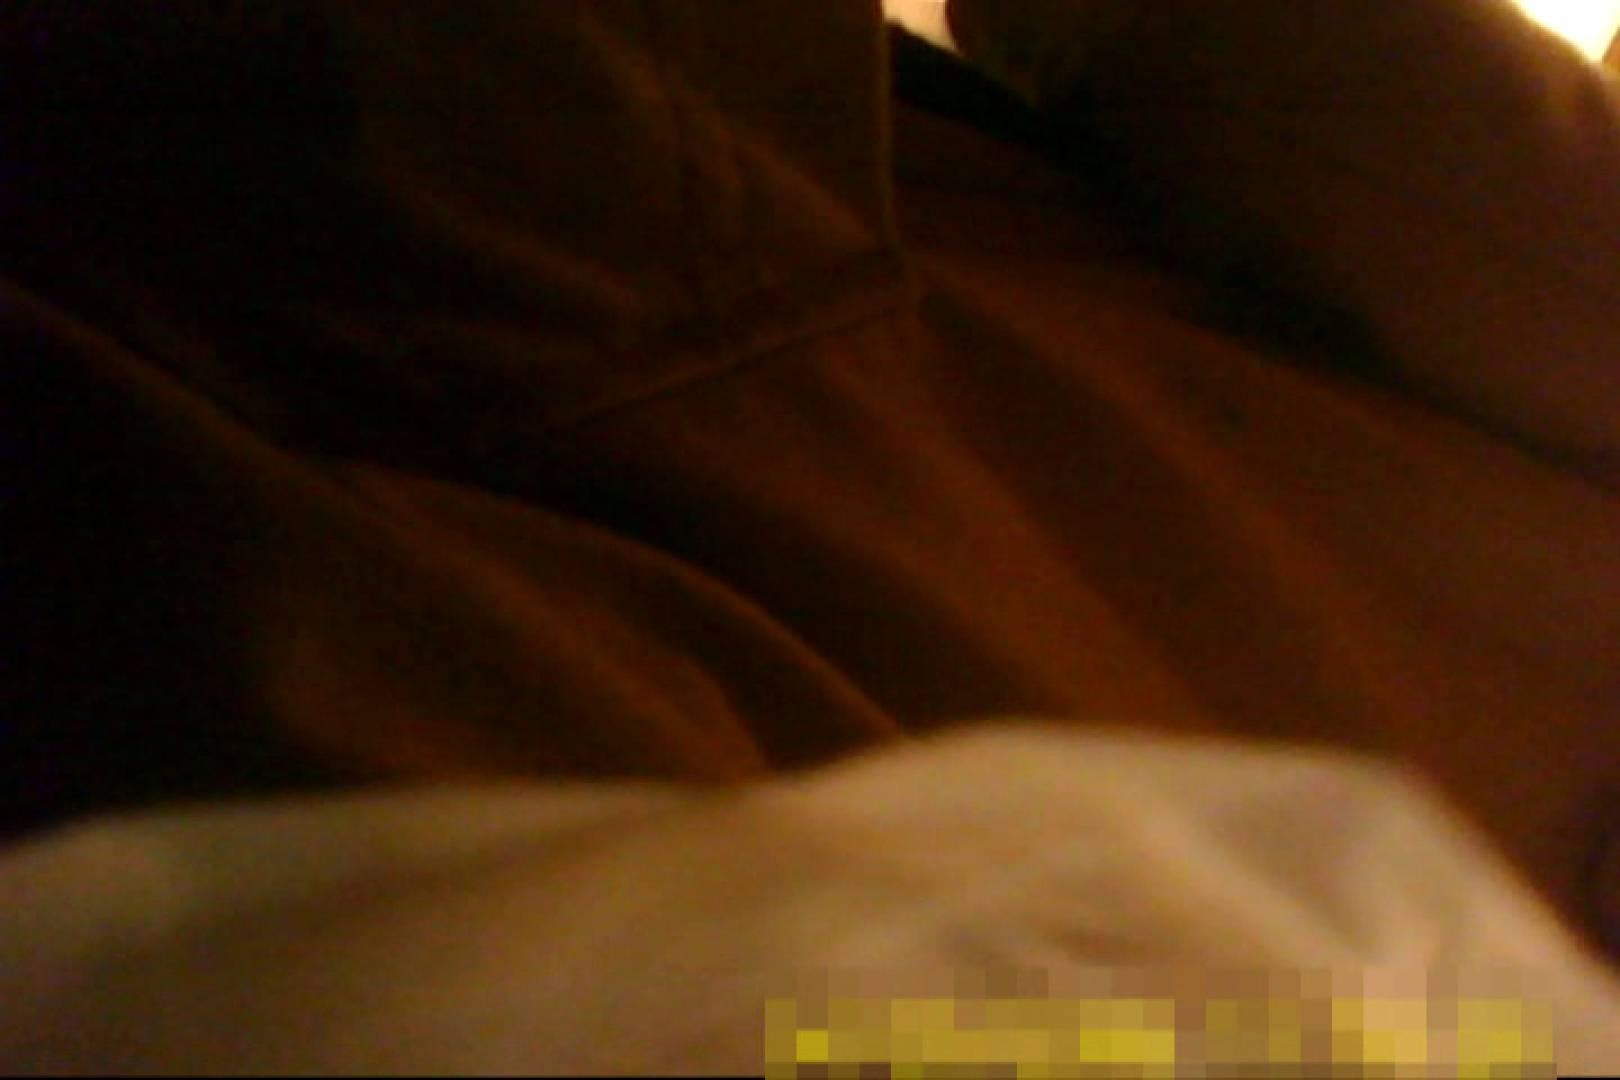 魅惑の化粧室~禁断のプライベート空間~vol.8 プライベート 盗み撮り動画キャプチャ 87PIX 83